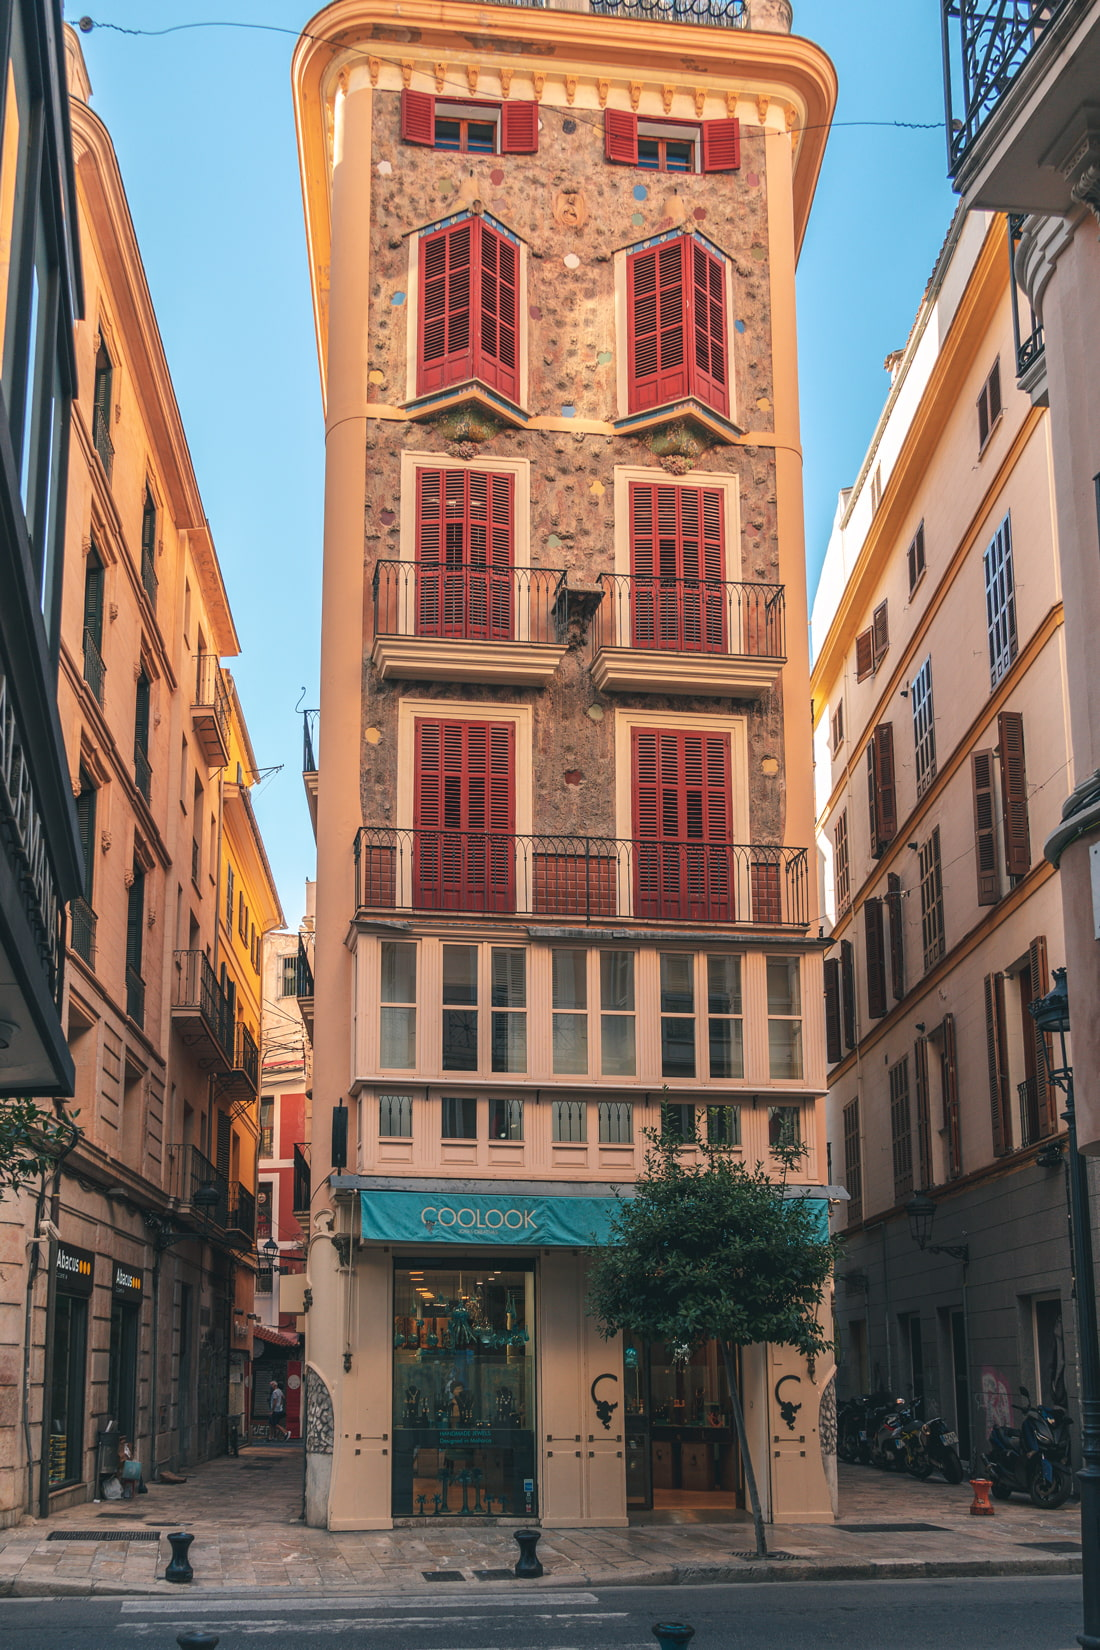 Carrer de Colom, Palma